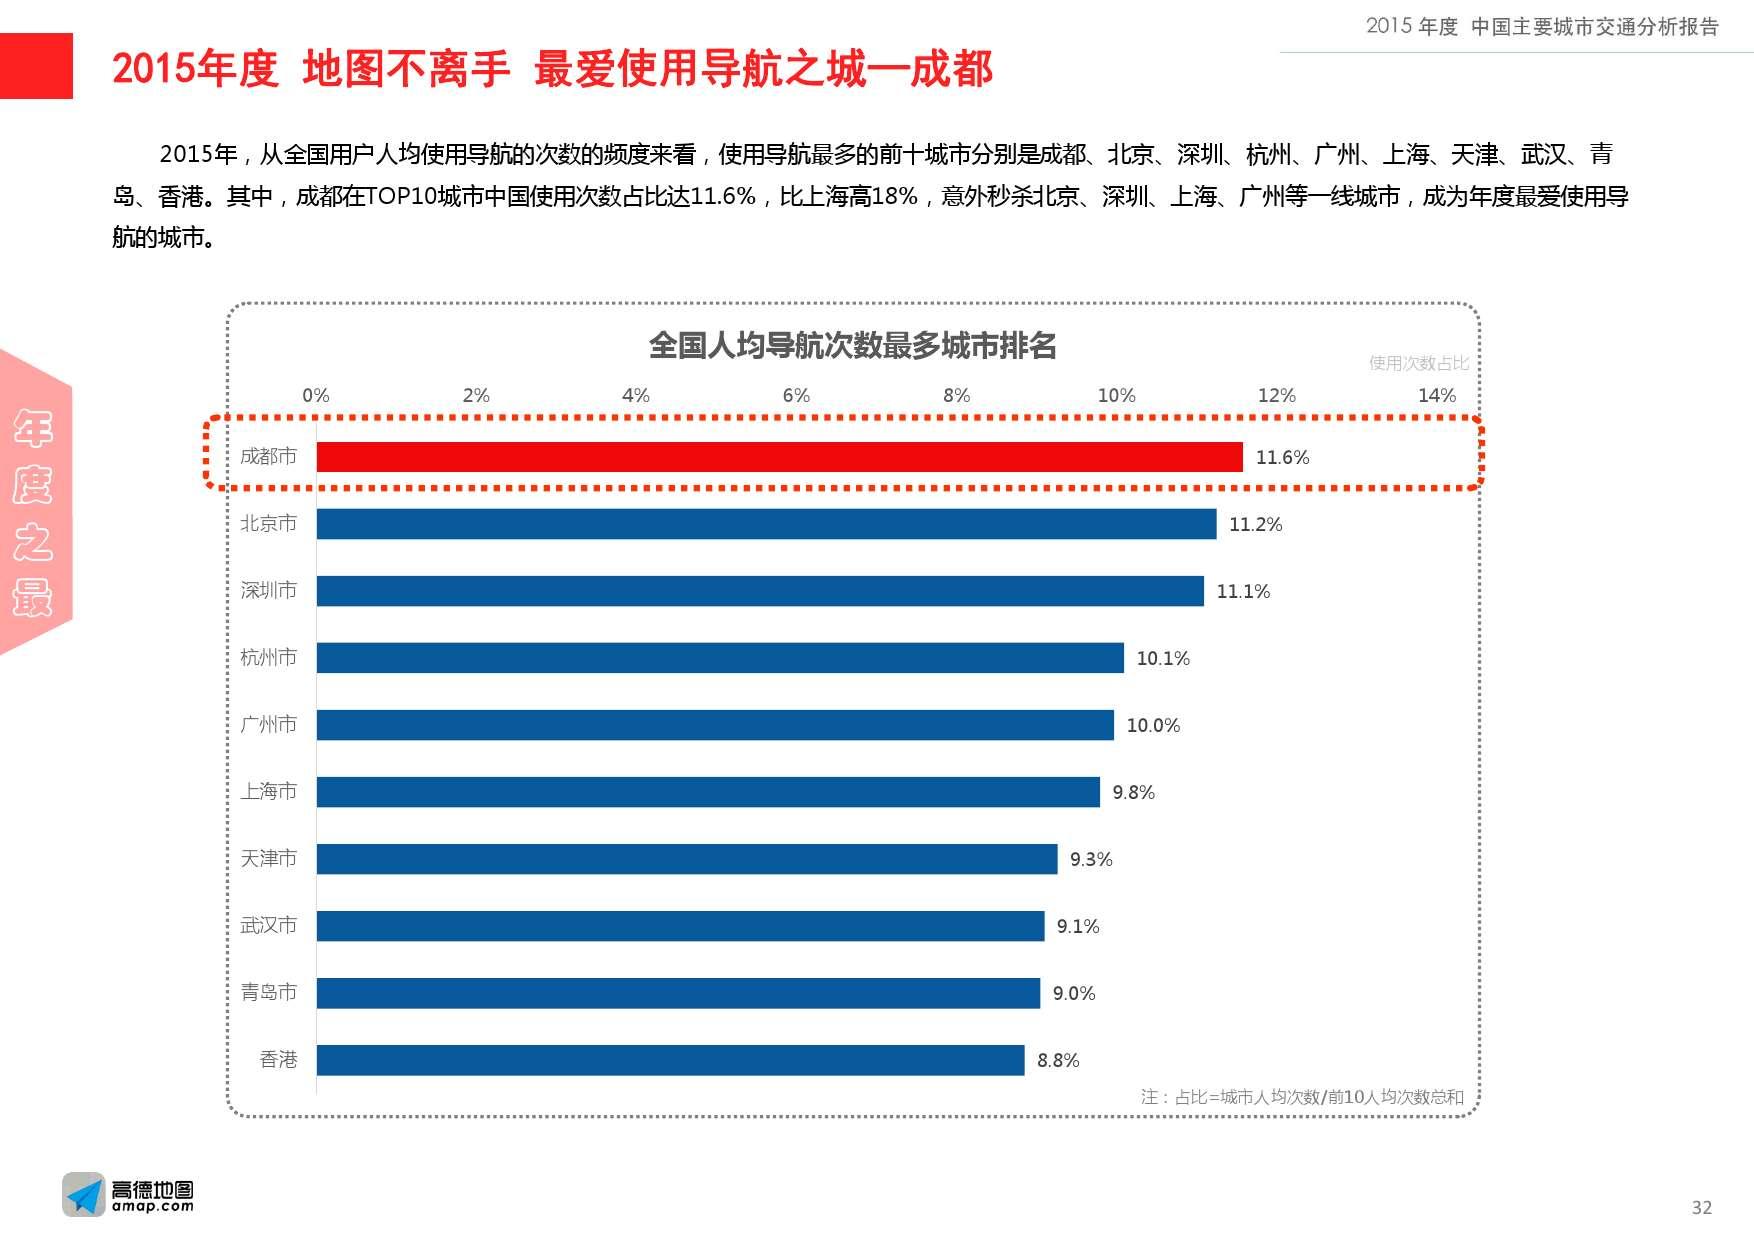 2015年度中国主要城市交通分析报告-final_000032